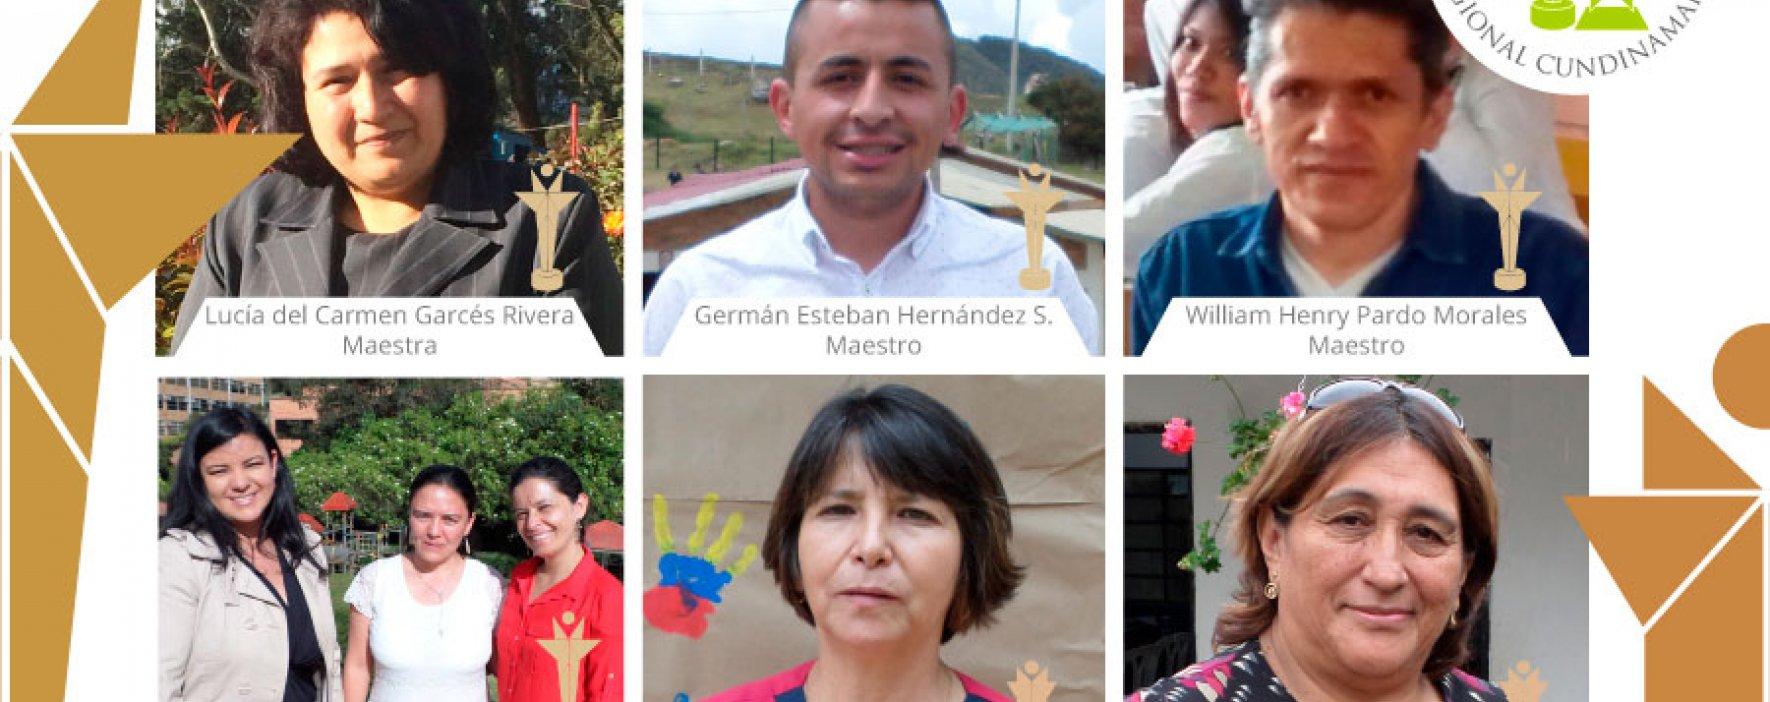 En Cundinamarca, hoy el Premio Compartir